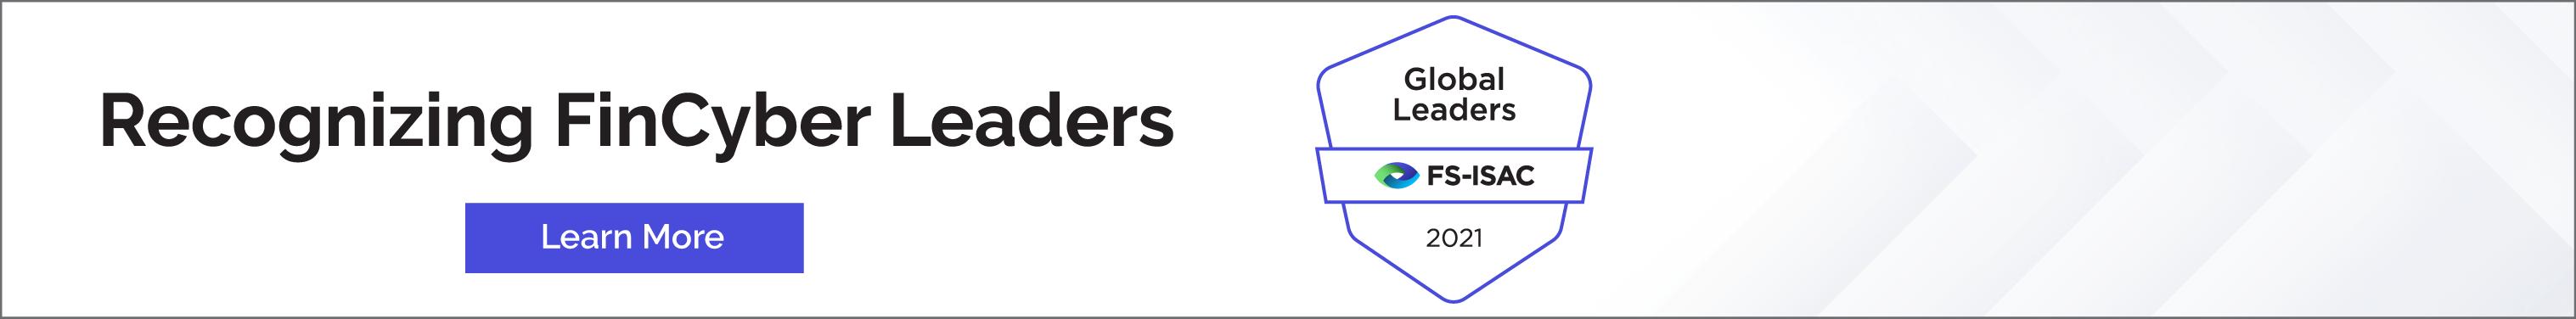 GlobalLeaders-Leaderboard-Articles